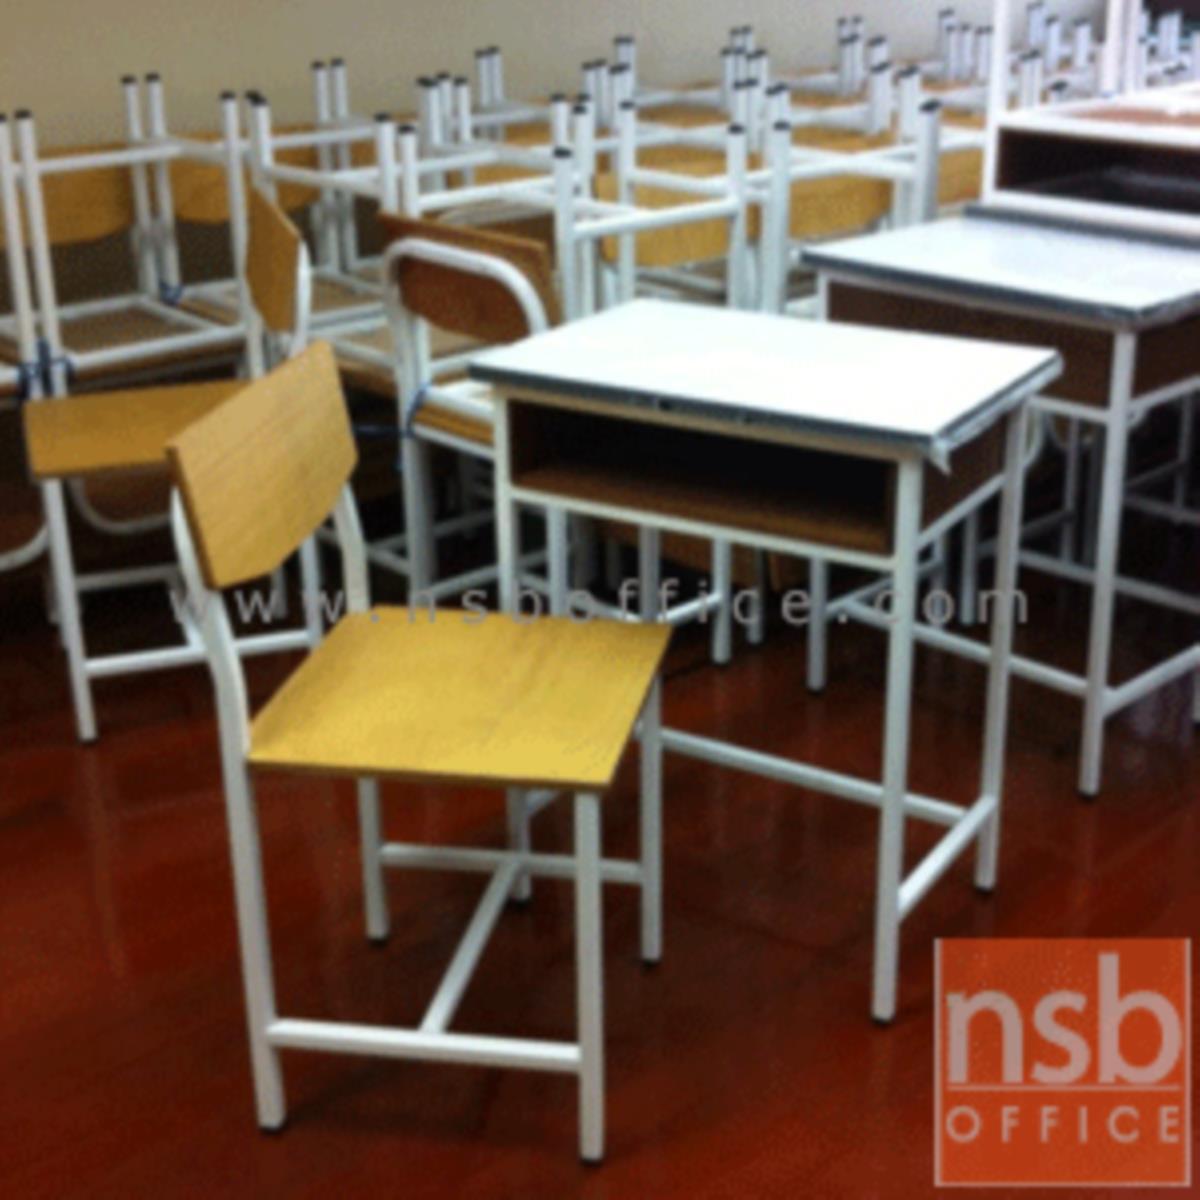 A17A016:ชุดโต๊ะและเก้าอี้นักเรียน   ระดับอนุบาล ประถม มัธยม  โครงเหล็กสีขาว